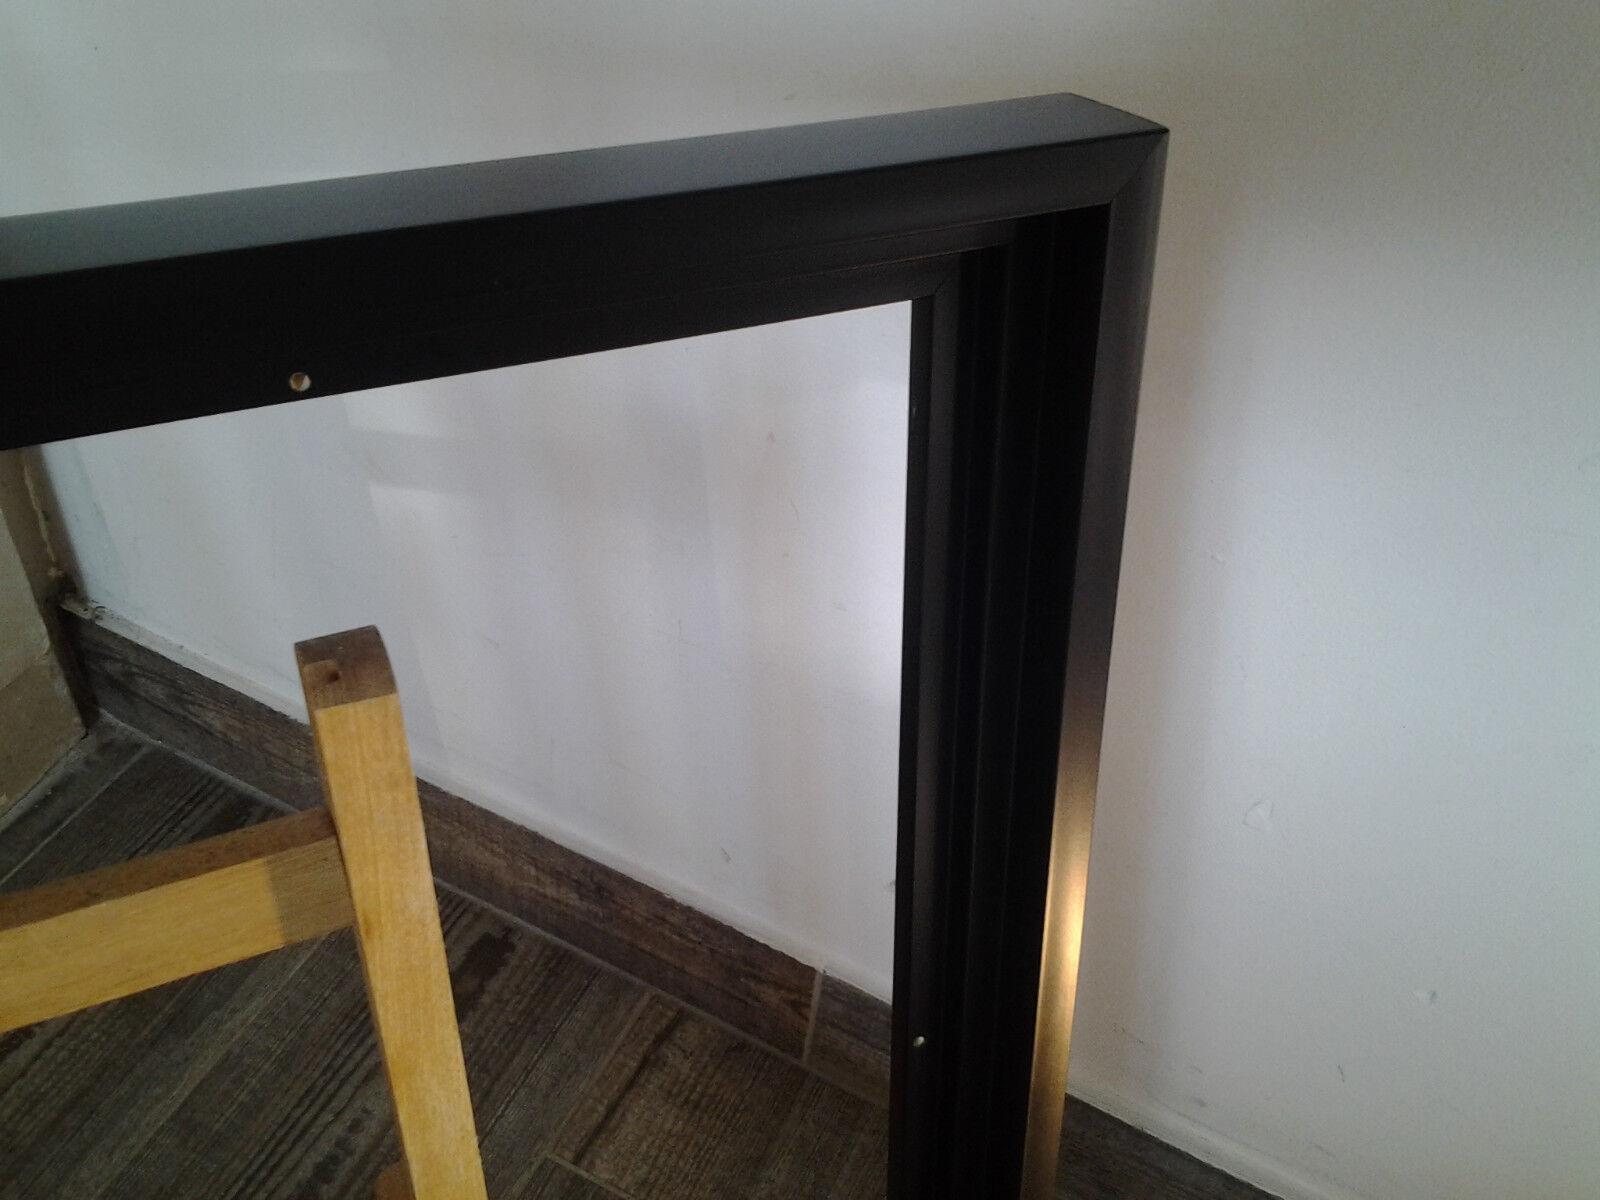 encadrement caisse am ricaine en bois finition satin e noire format figure eur 11 90. Black Bedroom Furniture Sets. Home Design Ideas